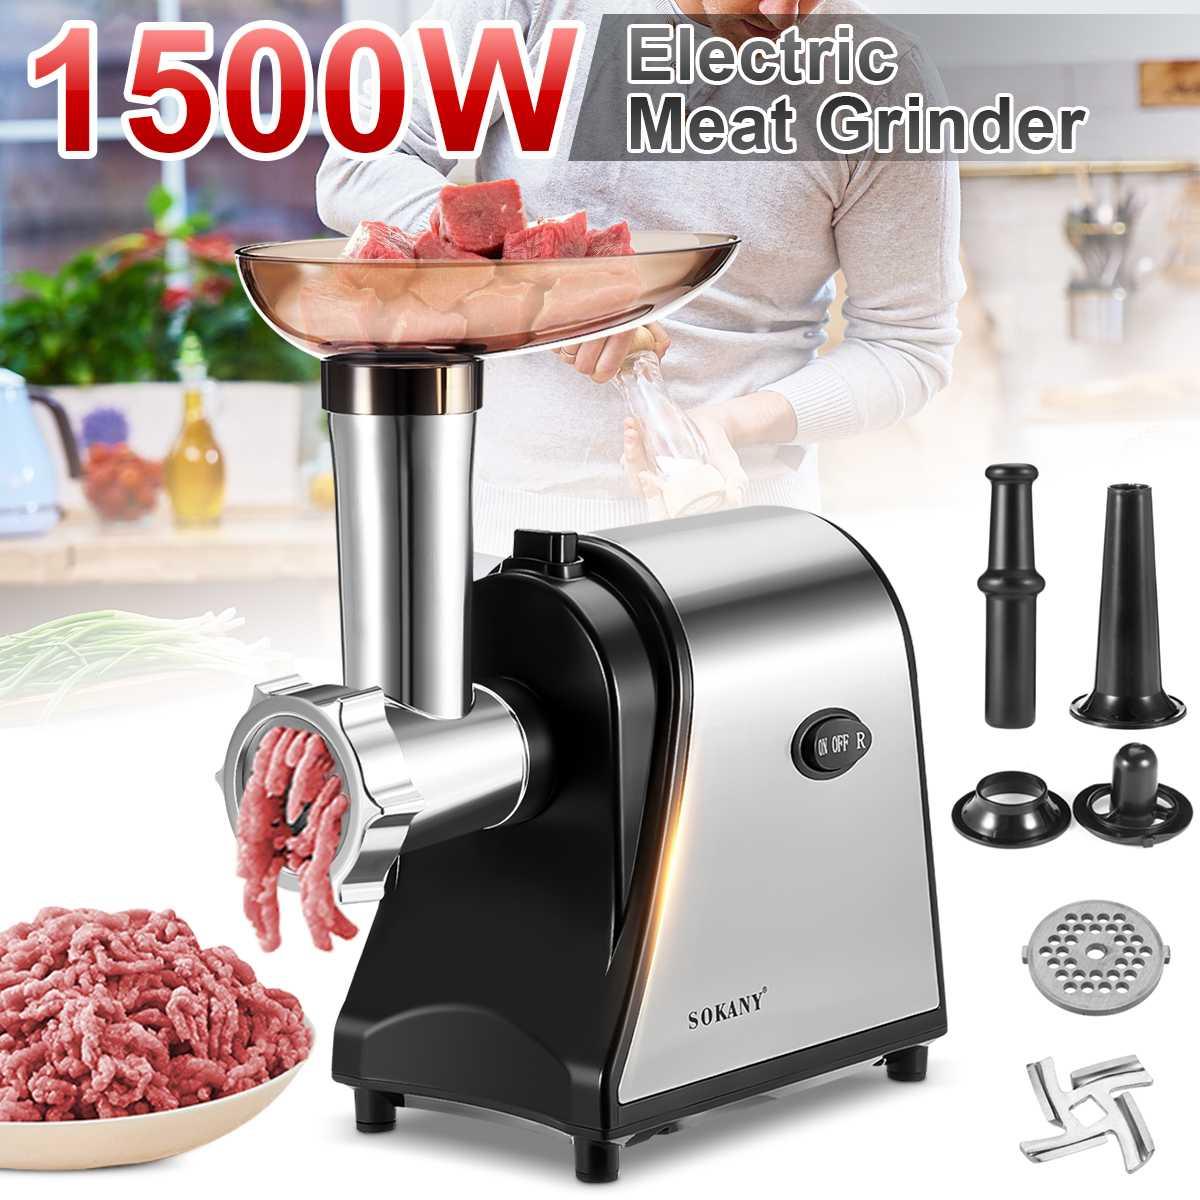 1500 واط الكهربائية مفرمة اللحم خلاط المفرمة خلاط الفولاذ المقاوم للصدأ قوية المطبخ أداة تقطيع الطعام سجق المطاحن المعالج